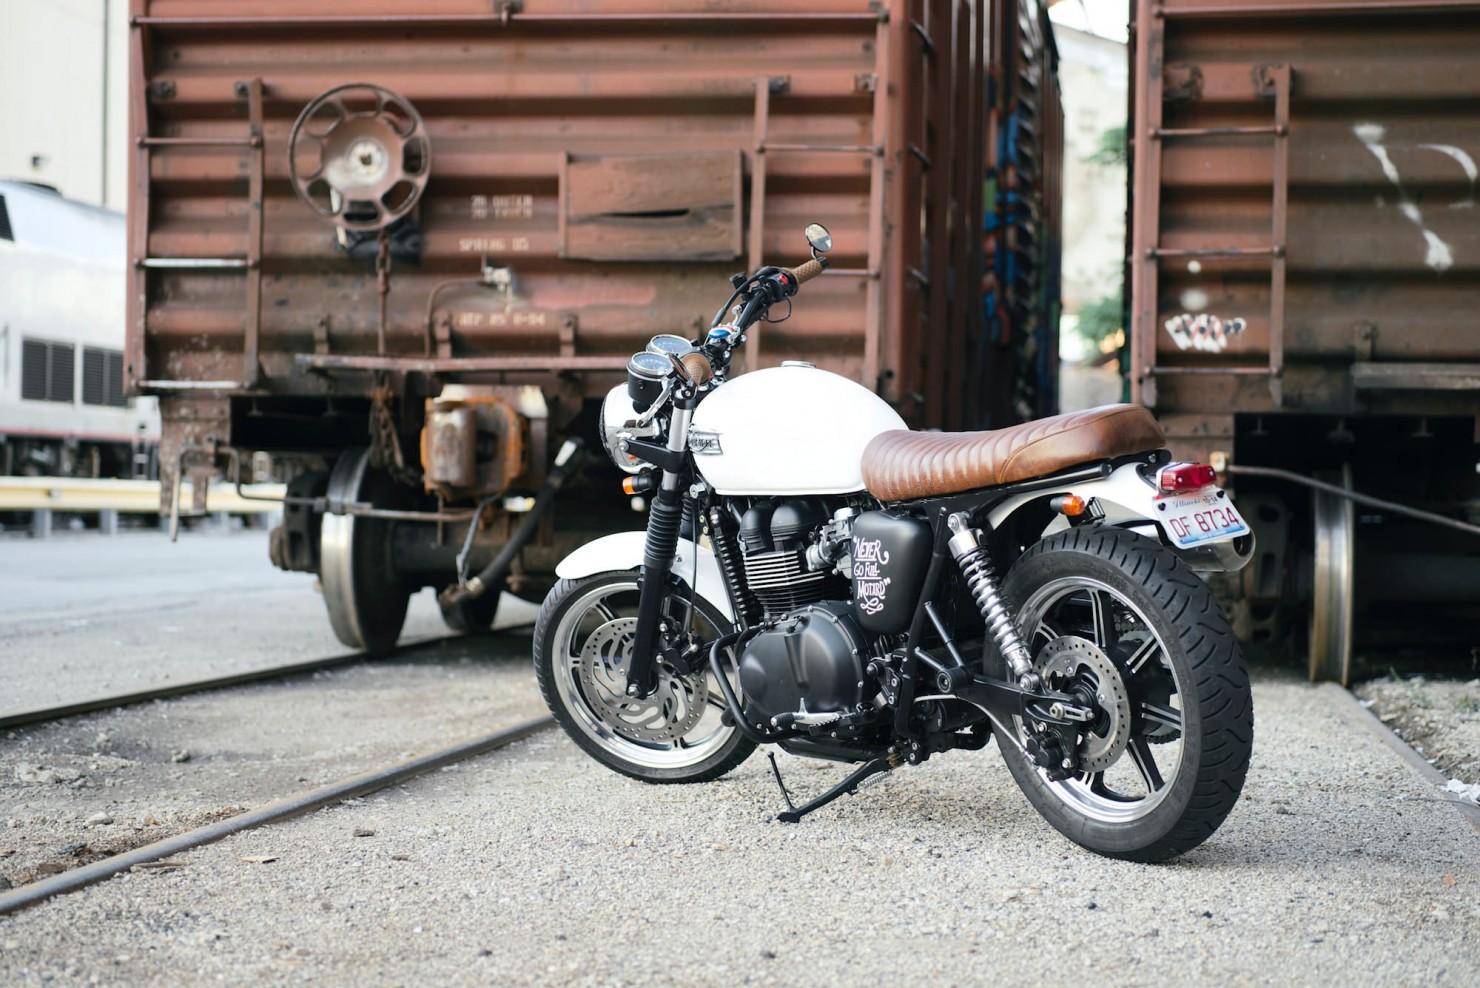 Triumph_Bonneville_Motorcycle_18